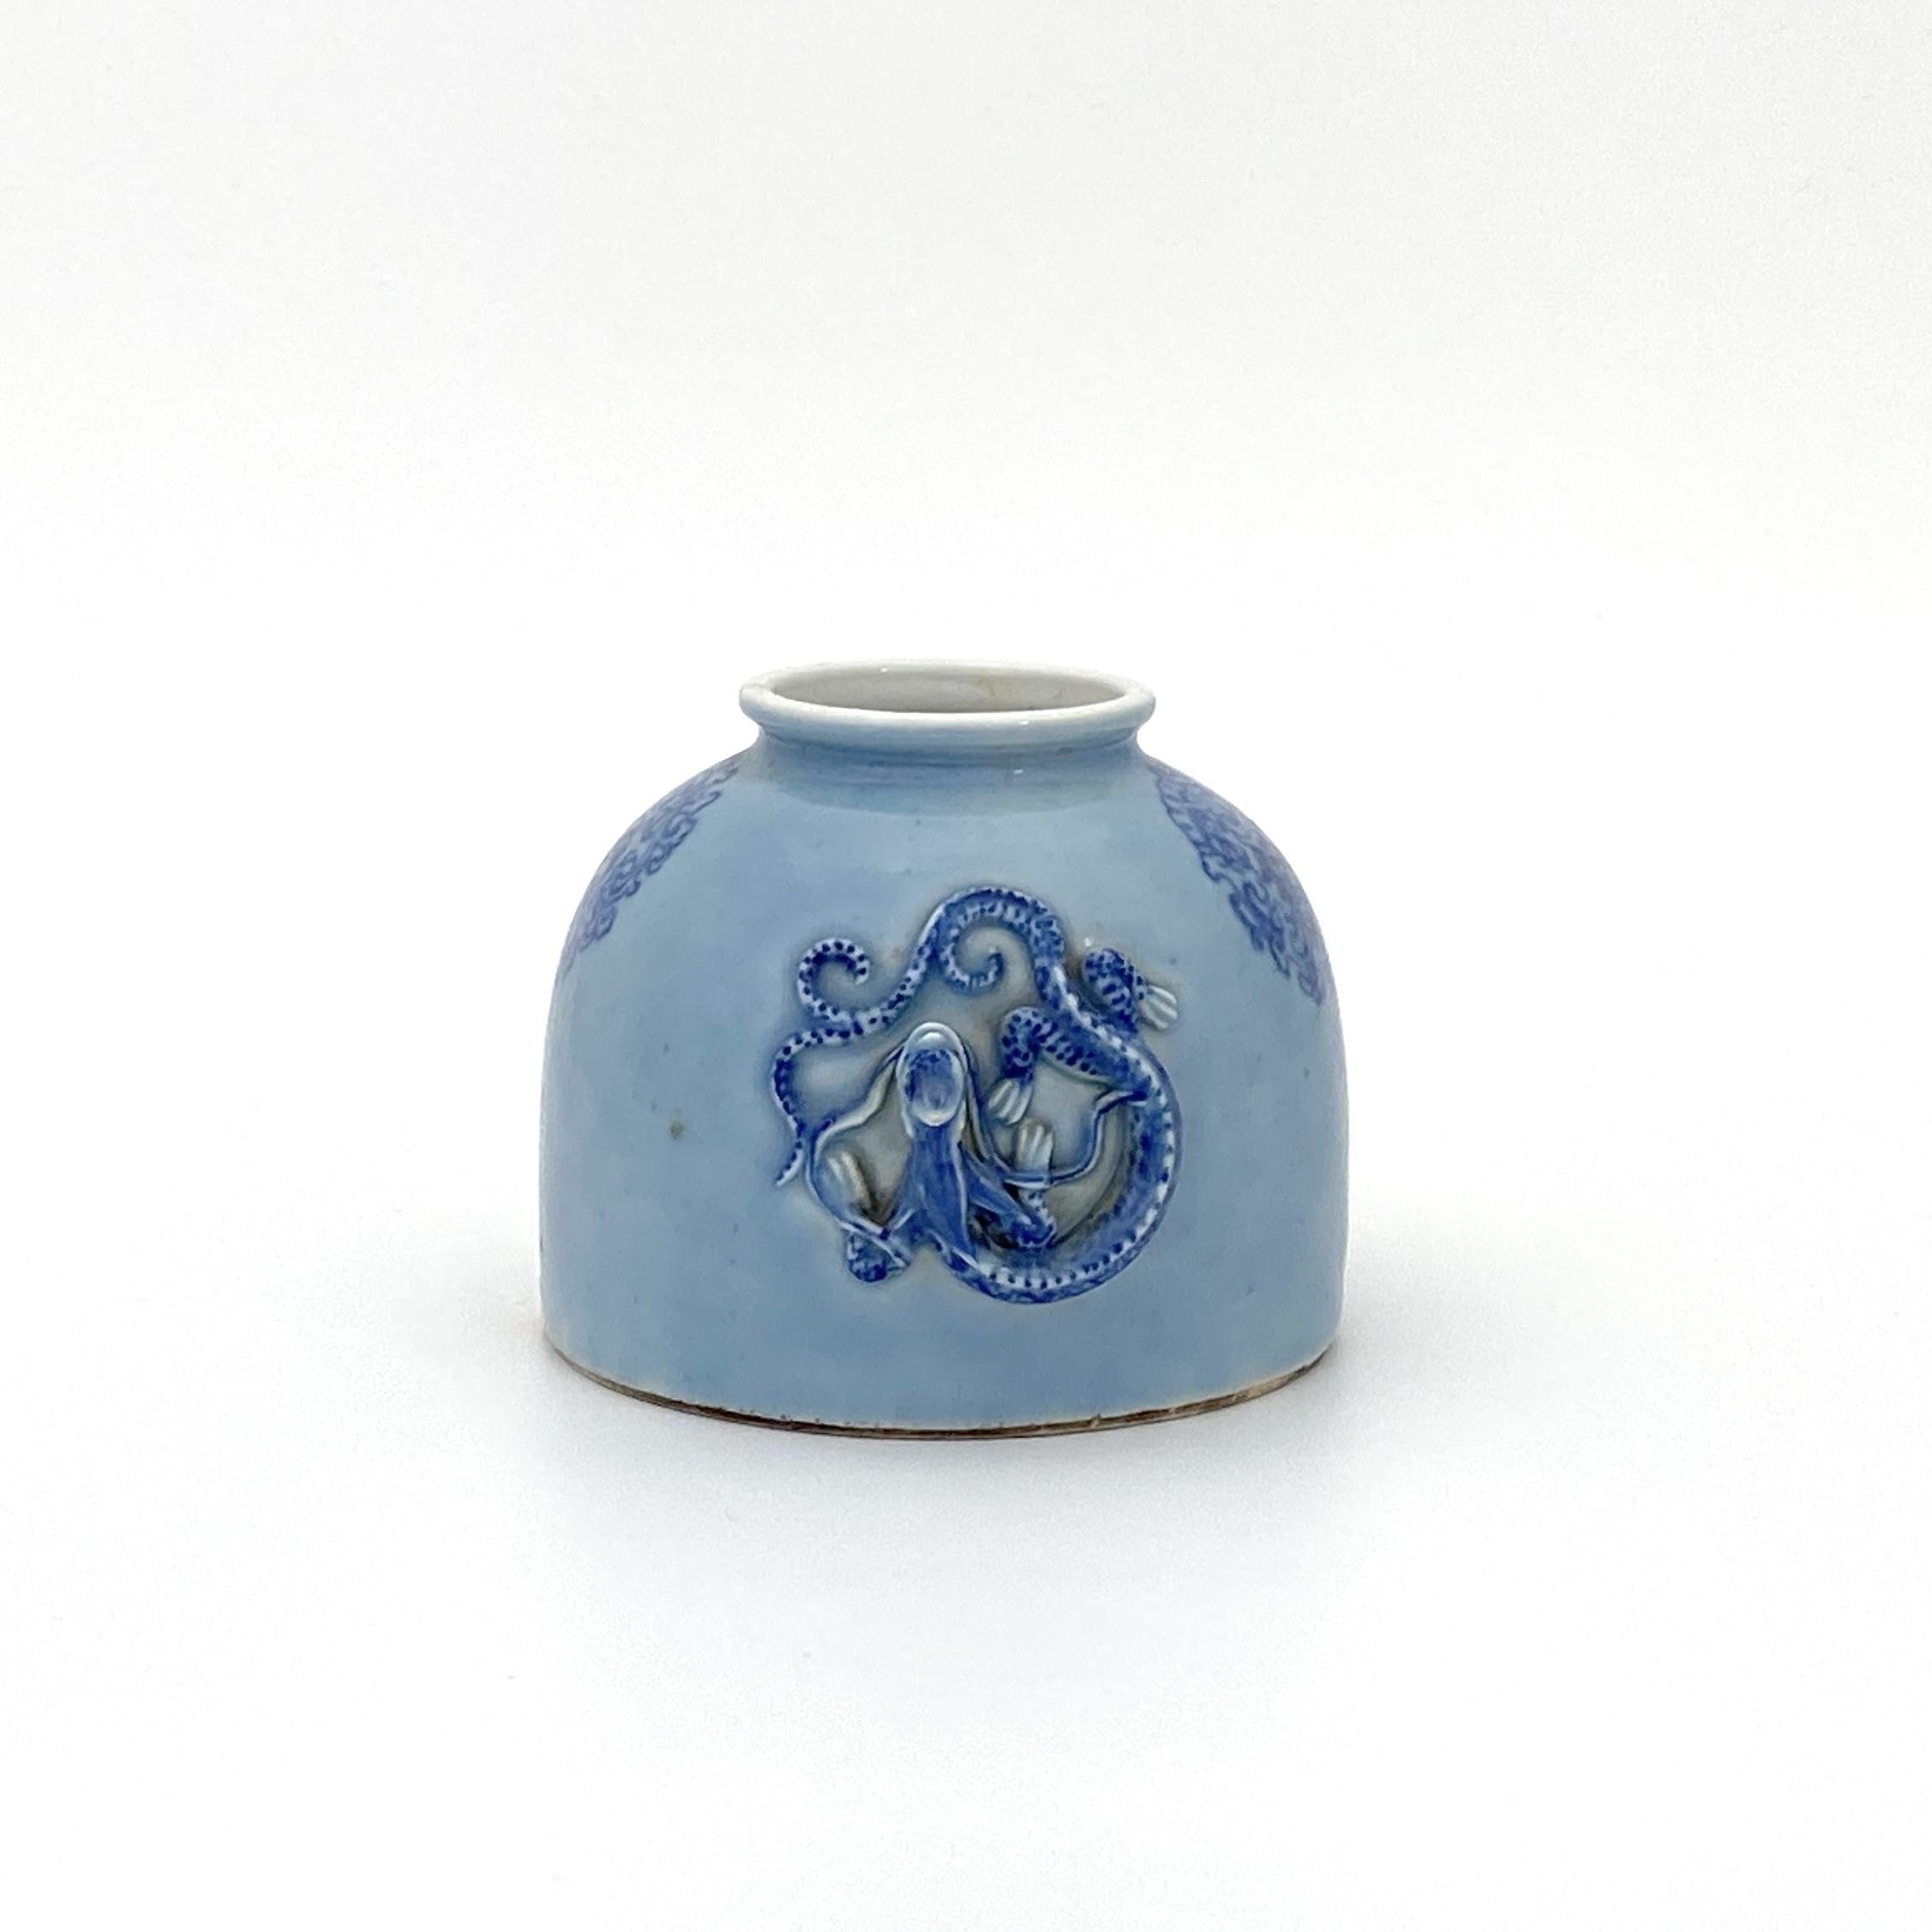 30003清「大清康煕年製」款 天青釉 蟠龍紋 太白尊